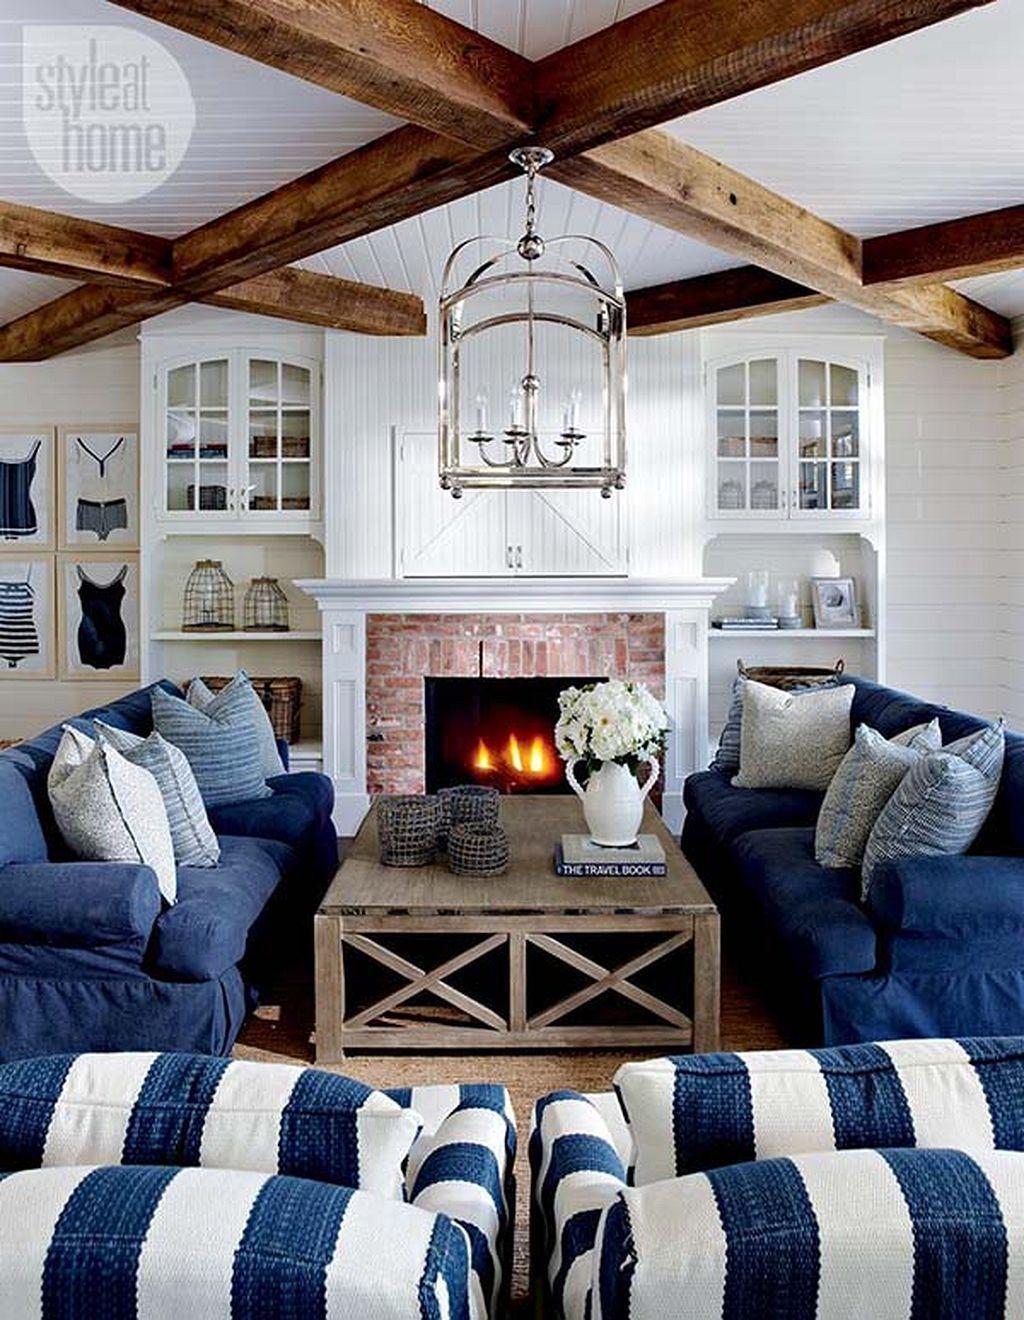 Nantucket Home Design Ideas 8 | Home ideas | Pinterest